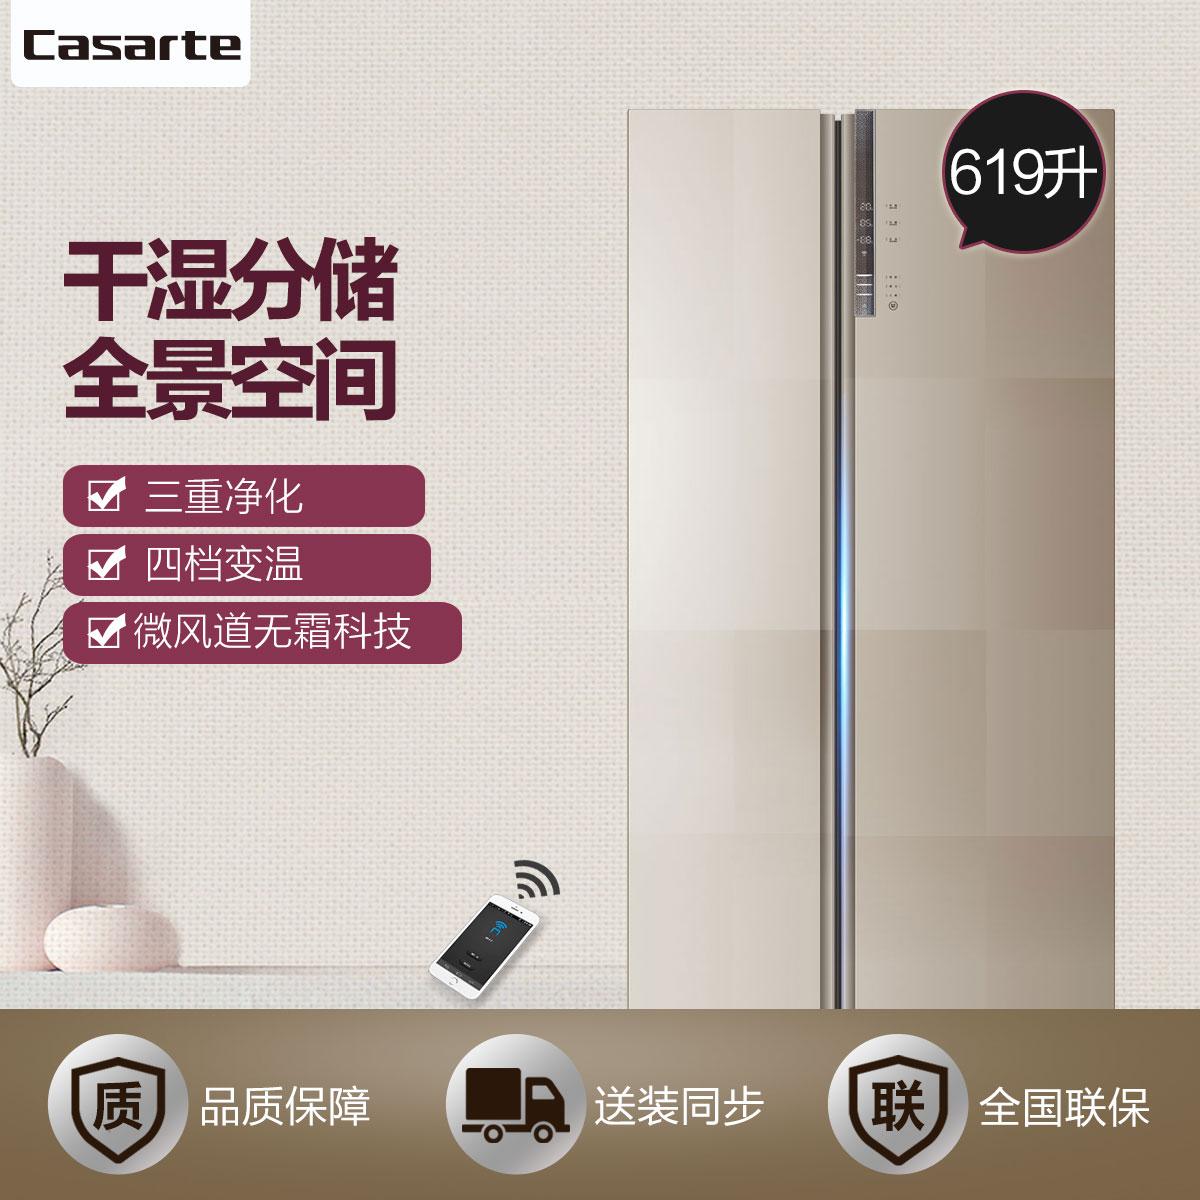 Casarte/卡萨帝 冰箱 BCD-619WDCQU1